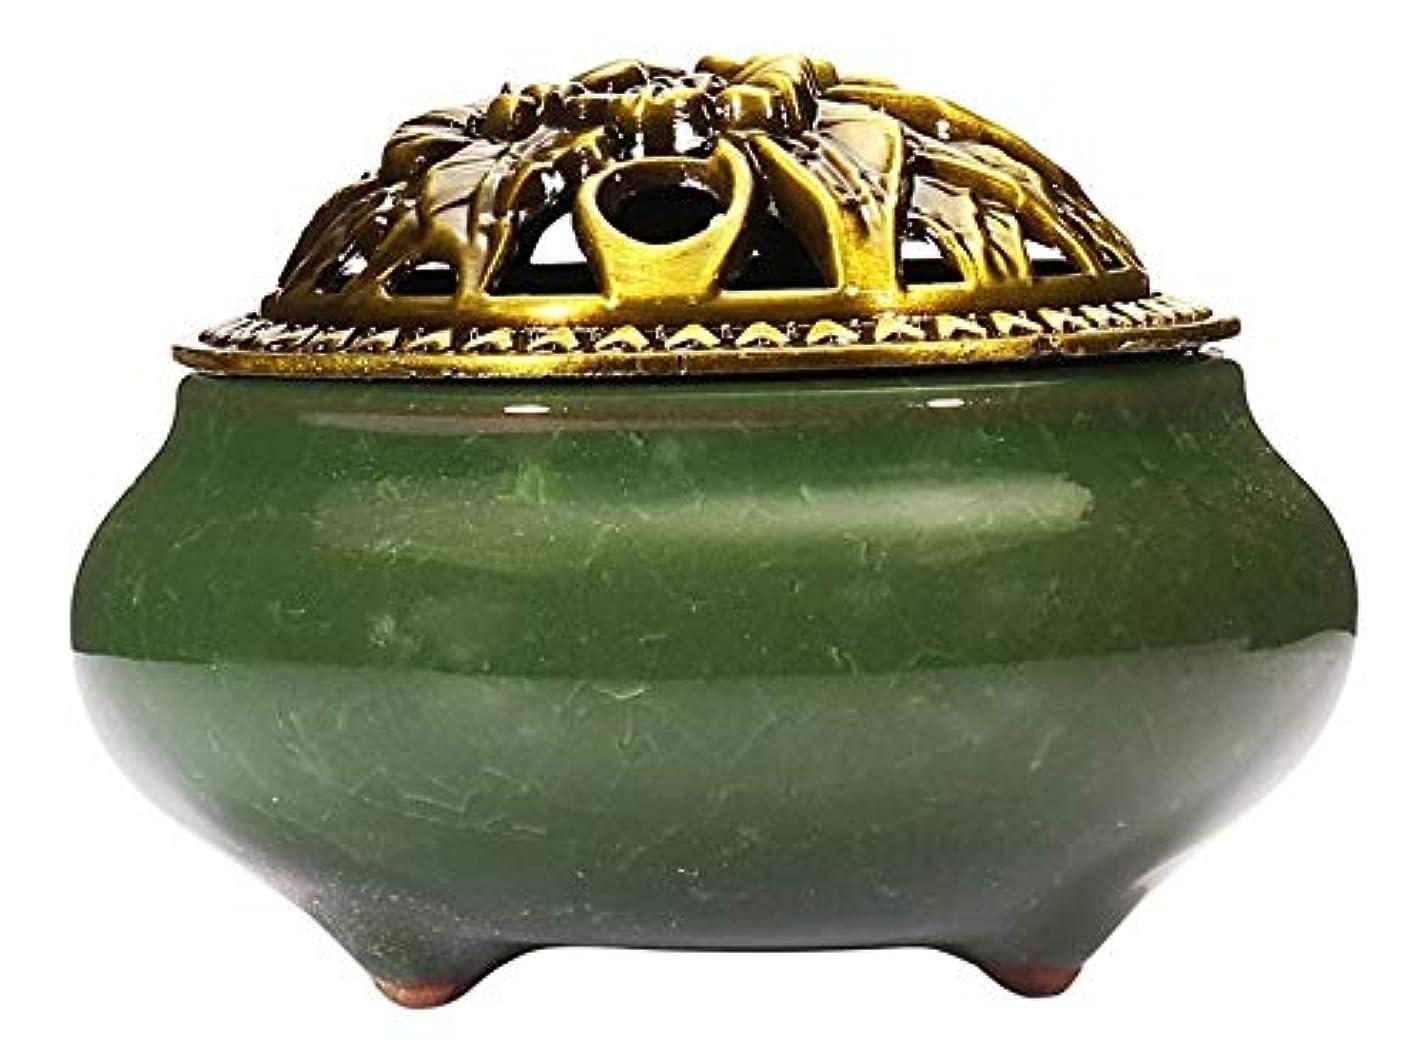 請求宿命満州(Dark Green) - Incense Burner with Brass Incense Stick Holder Ice-Patterned Dark green Handmade Censer by Xujia.